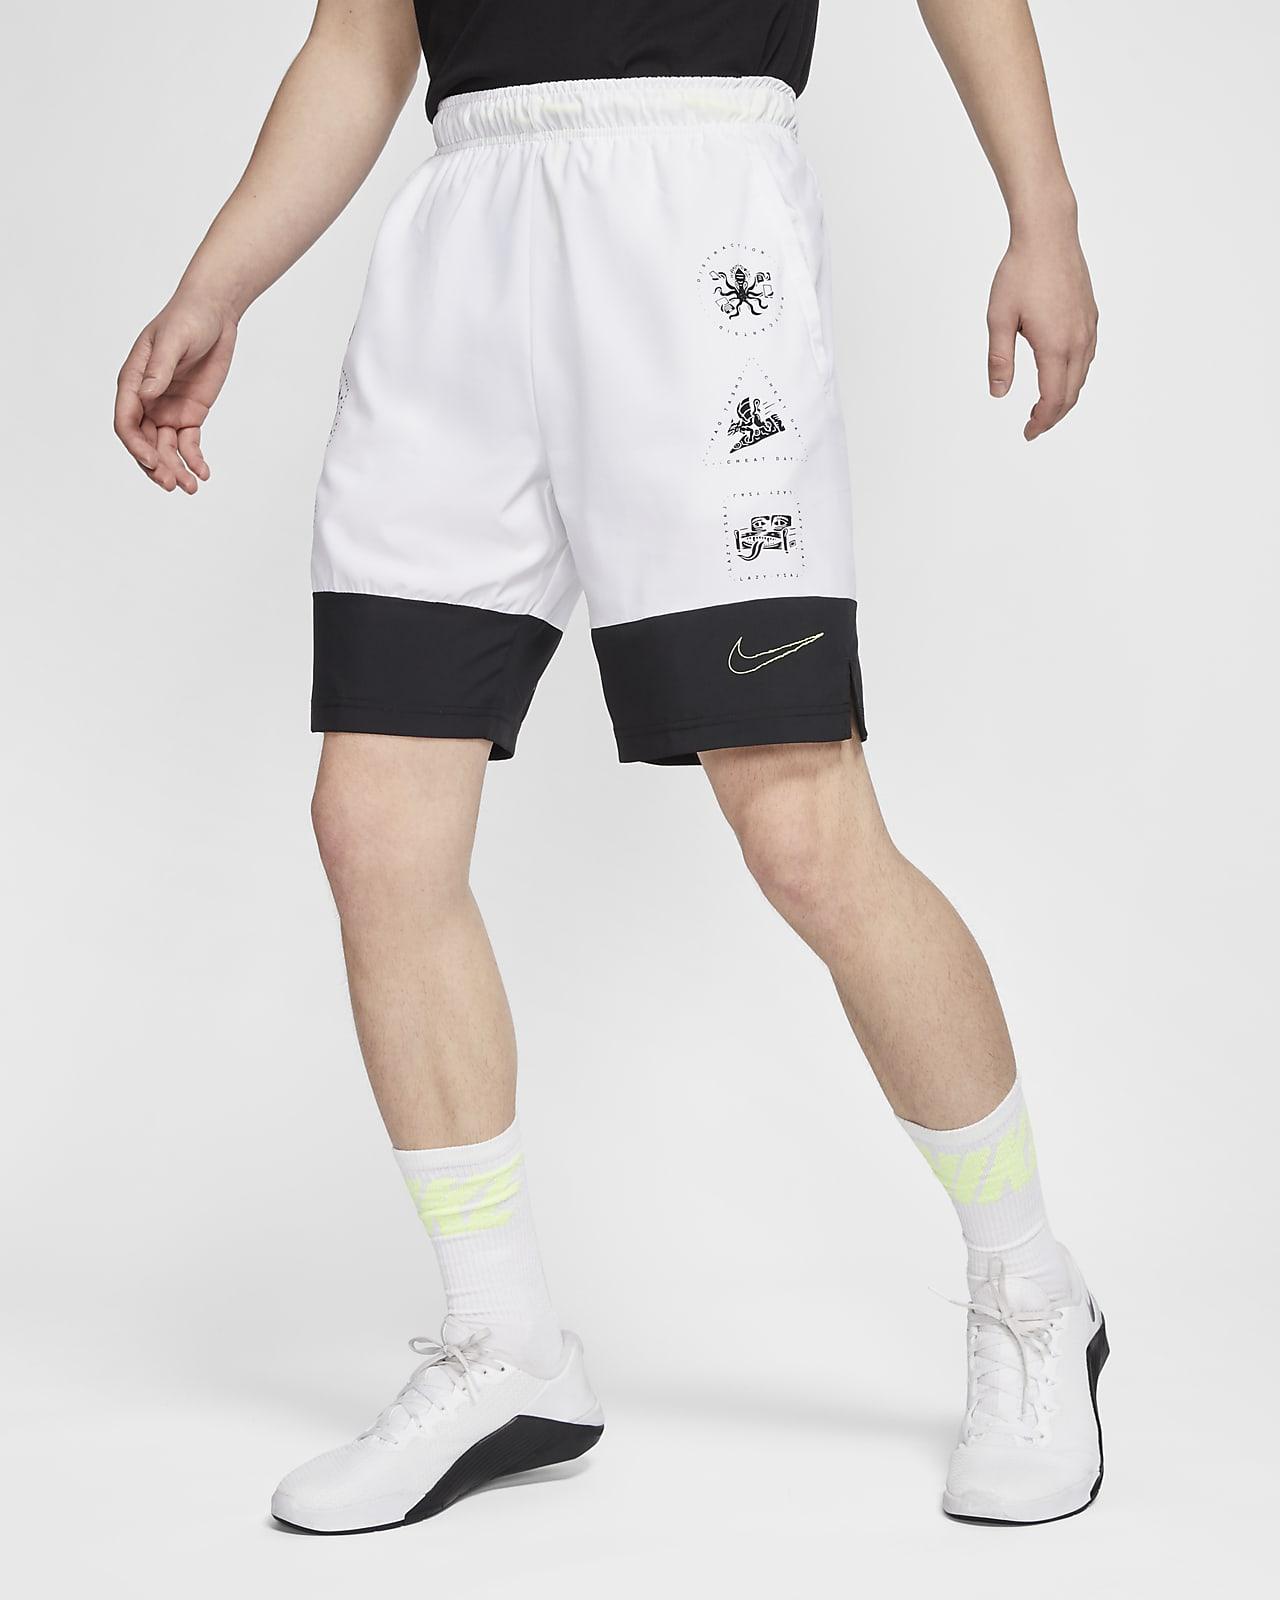 ナイキ フレックス メンズ トレーニングショートパンツ